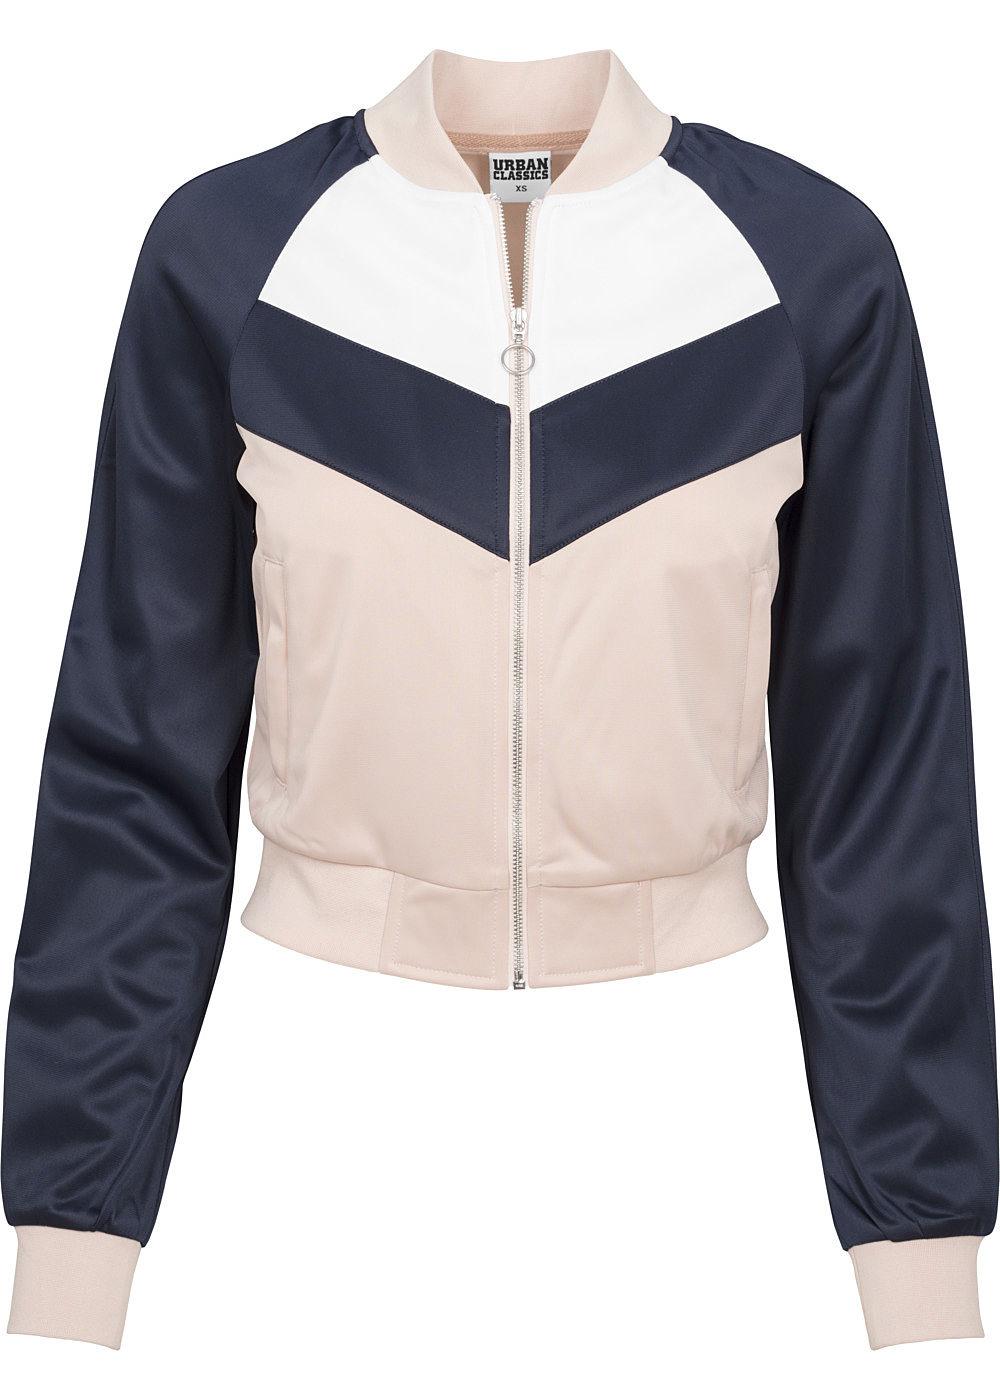 Seventyseven Lifestyle Damen Jeans Jacke 2 Brusttaschen 2 Taschen rosa